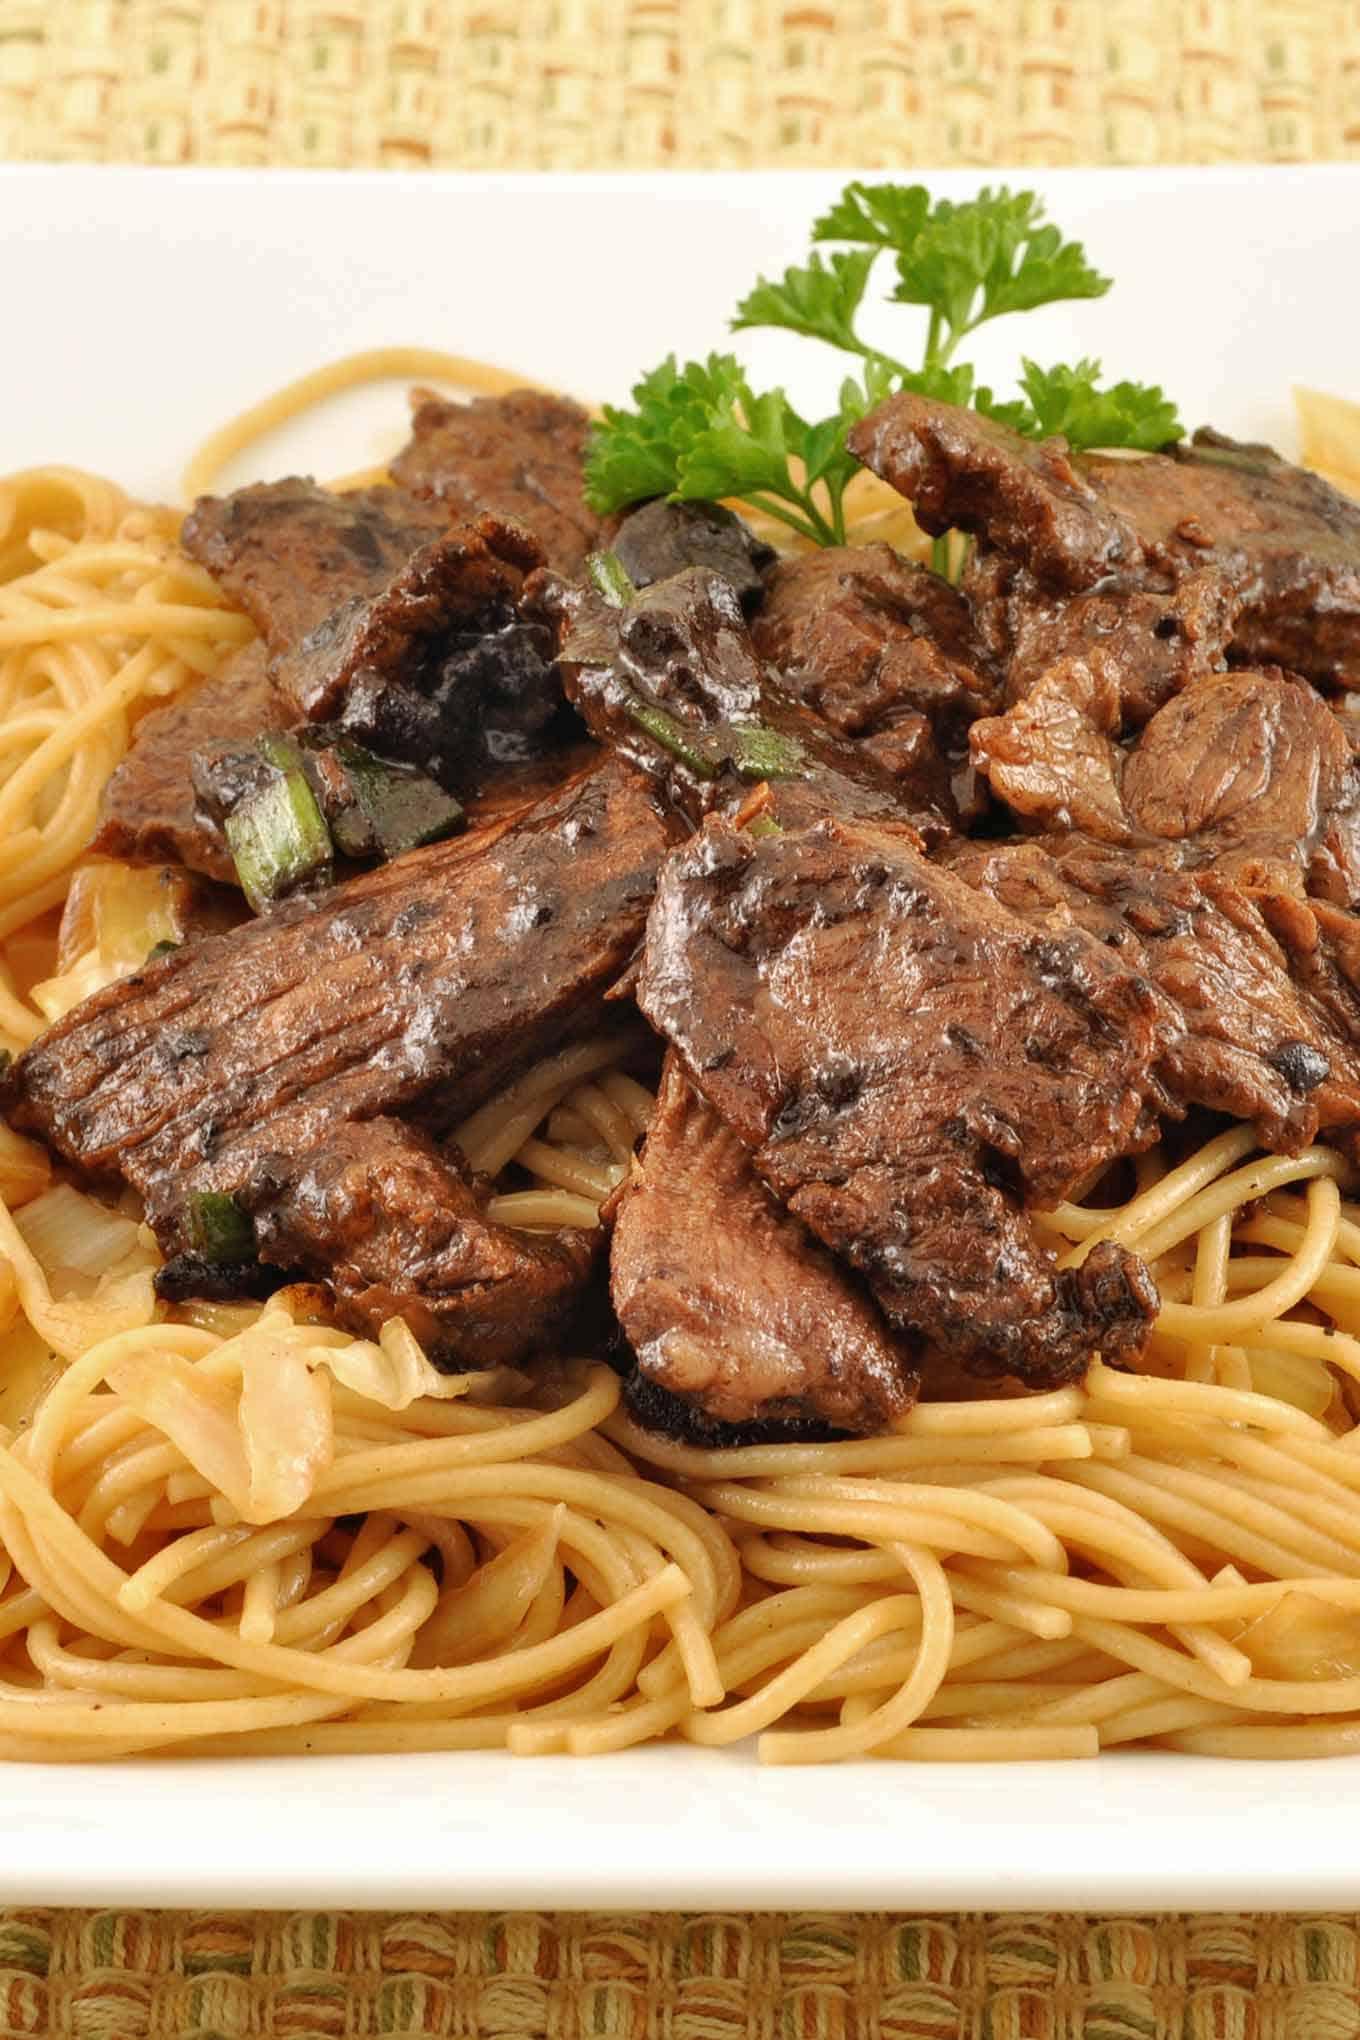 Stir-fried steak with black garlic sauce served over noodles